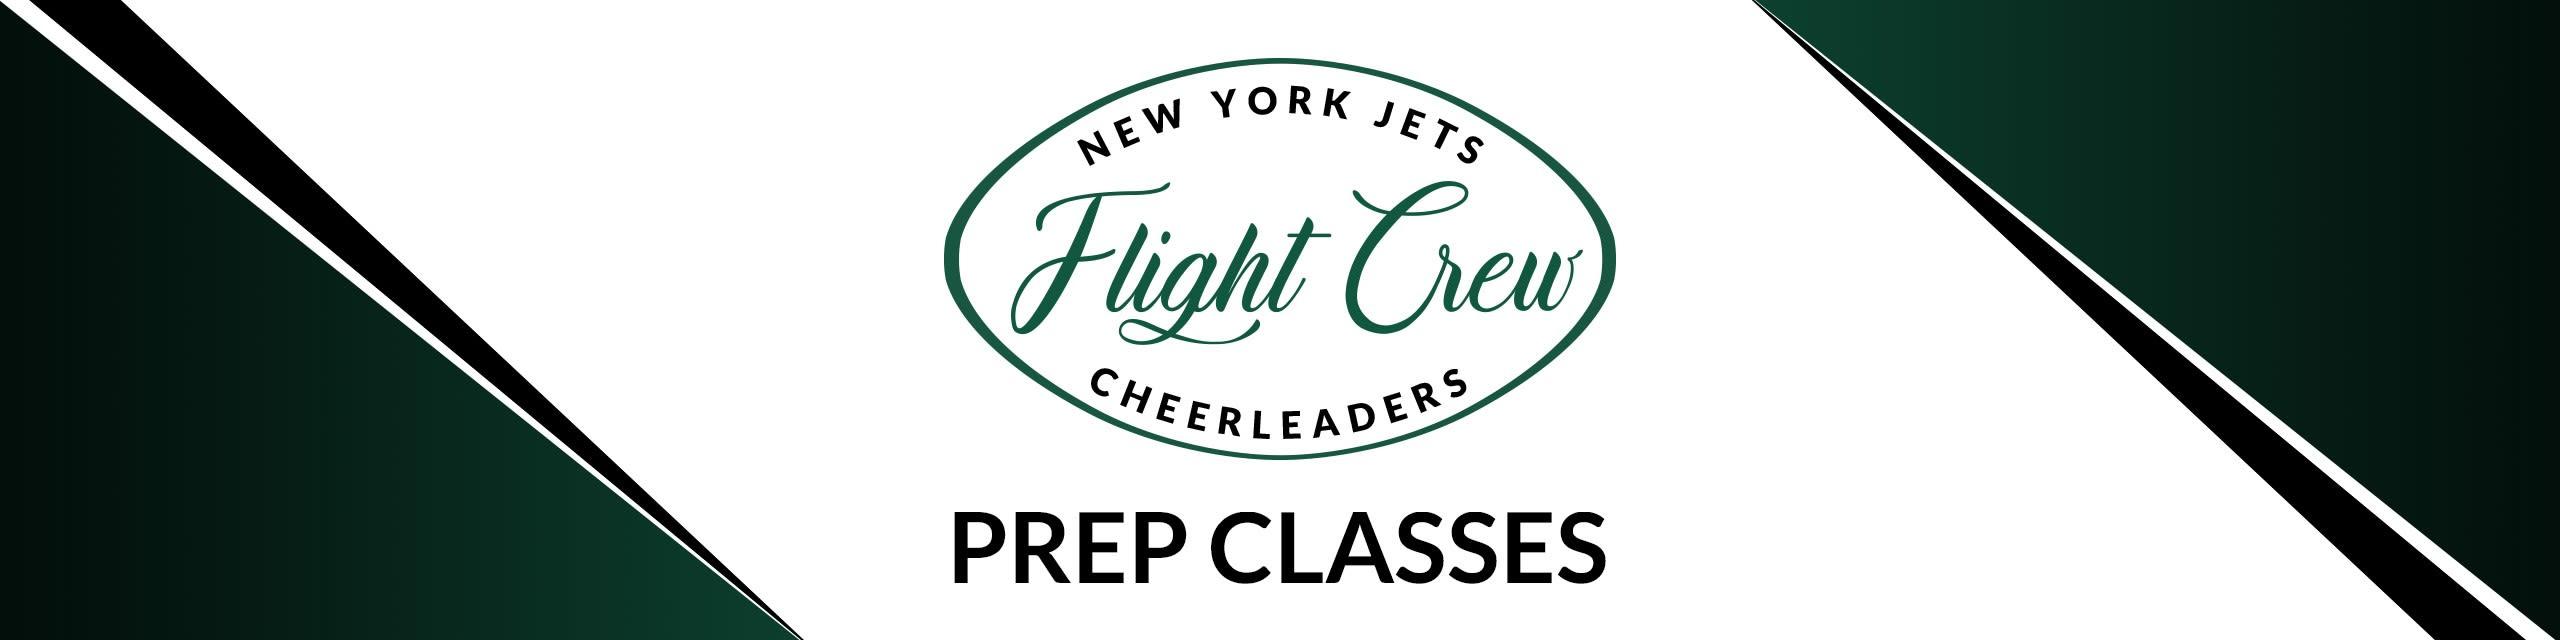 prep-class-header